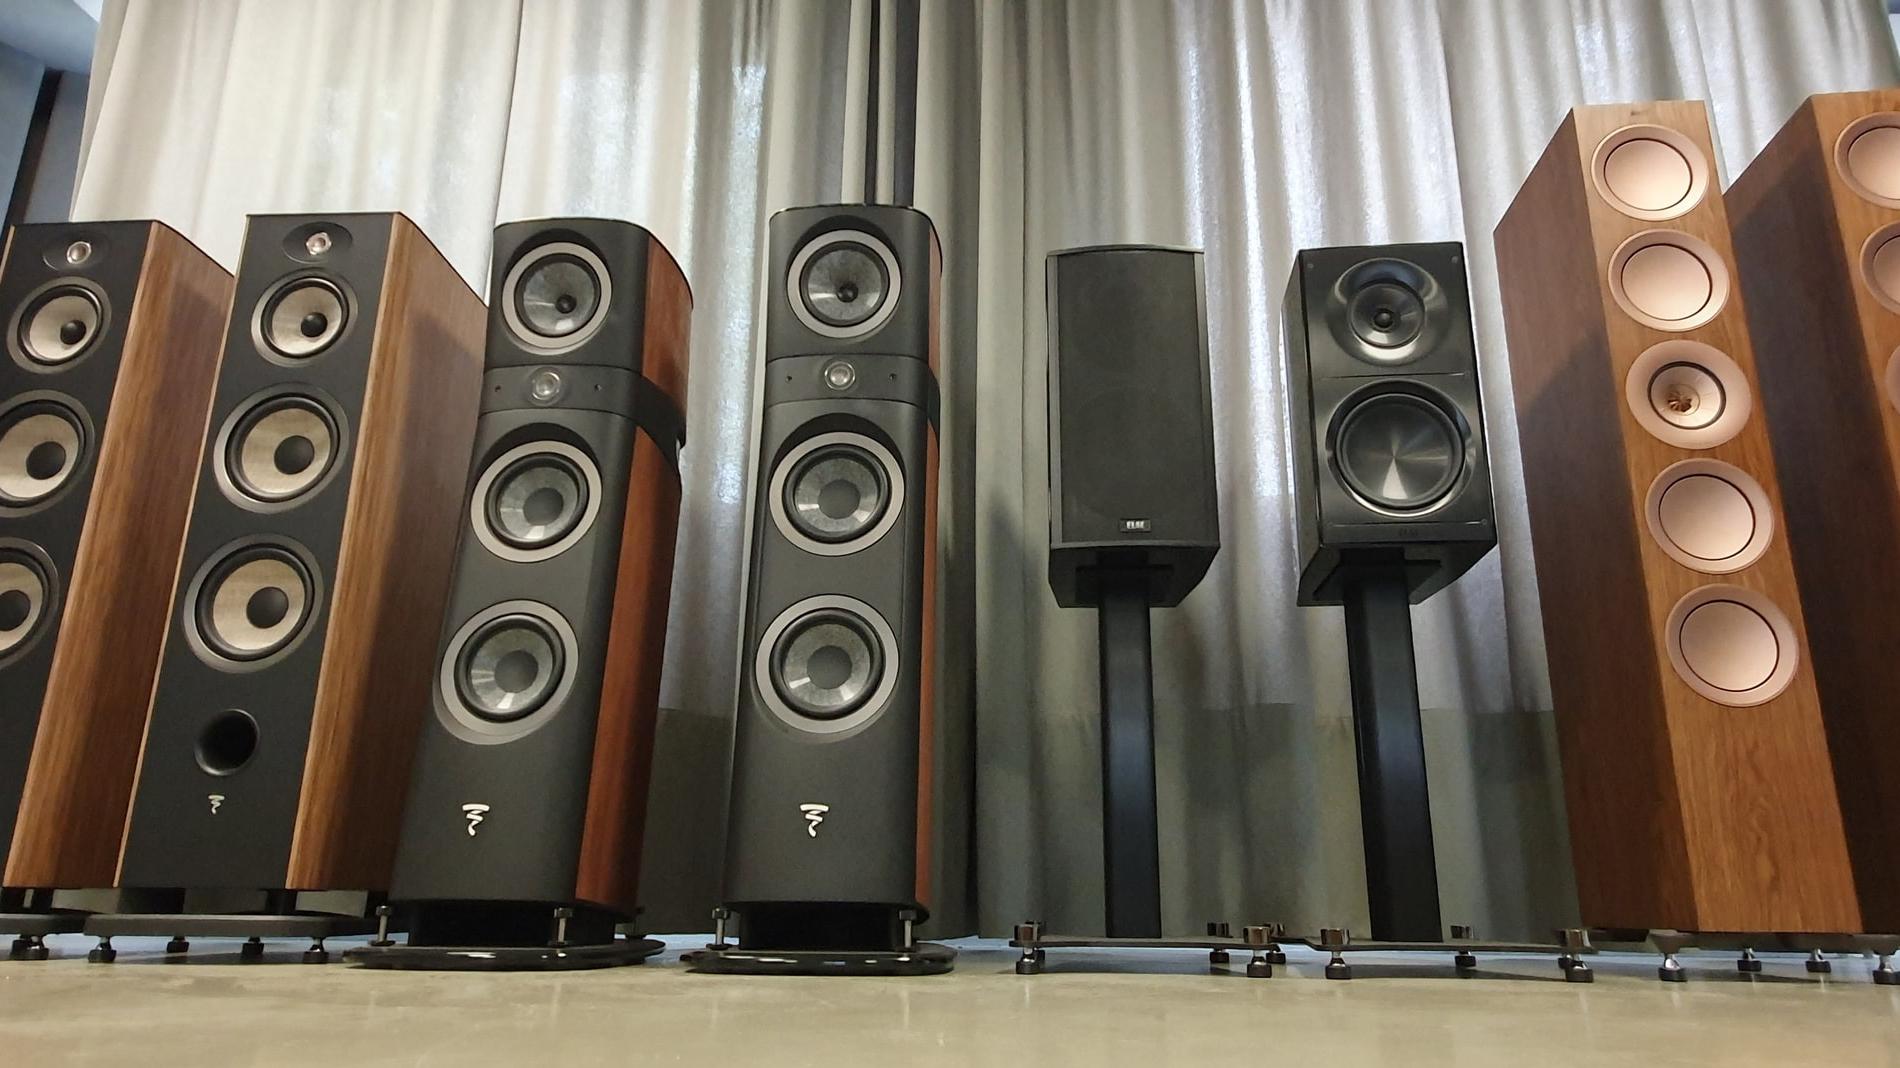 Maak gewone speakers draadloos